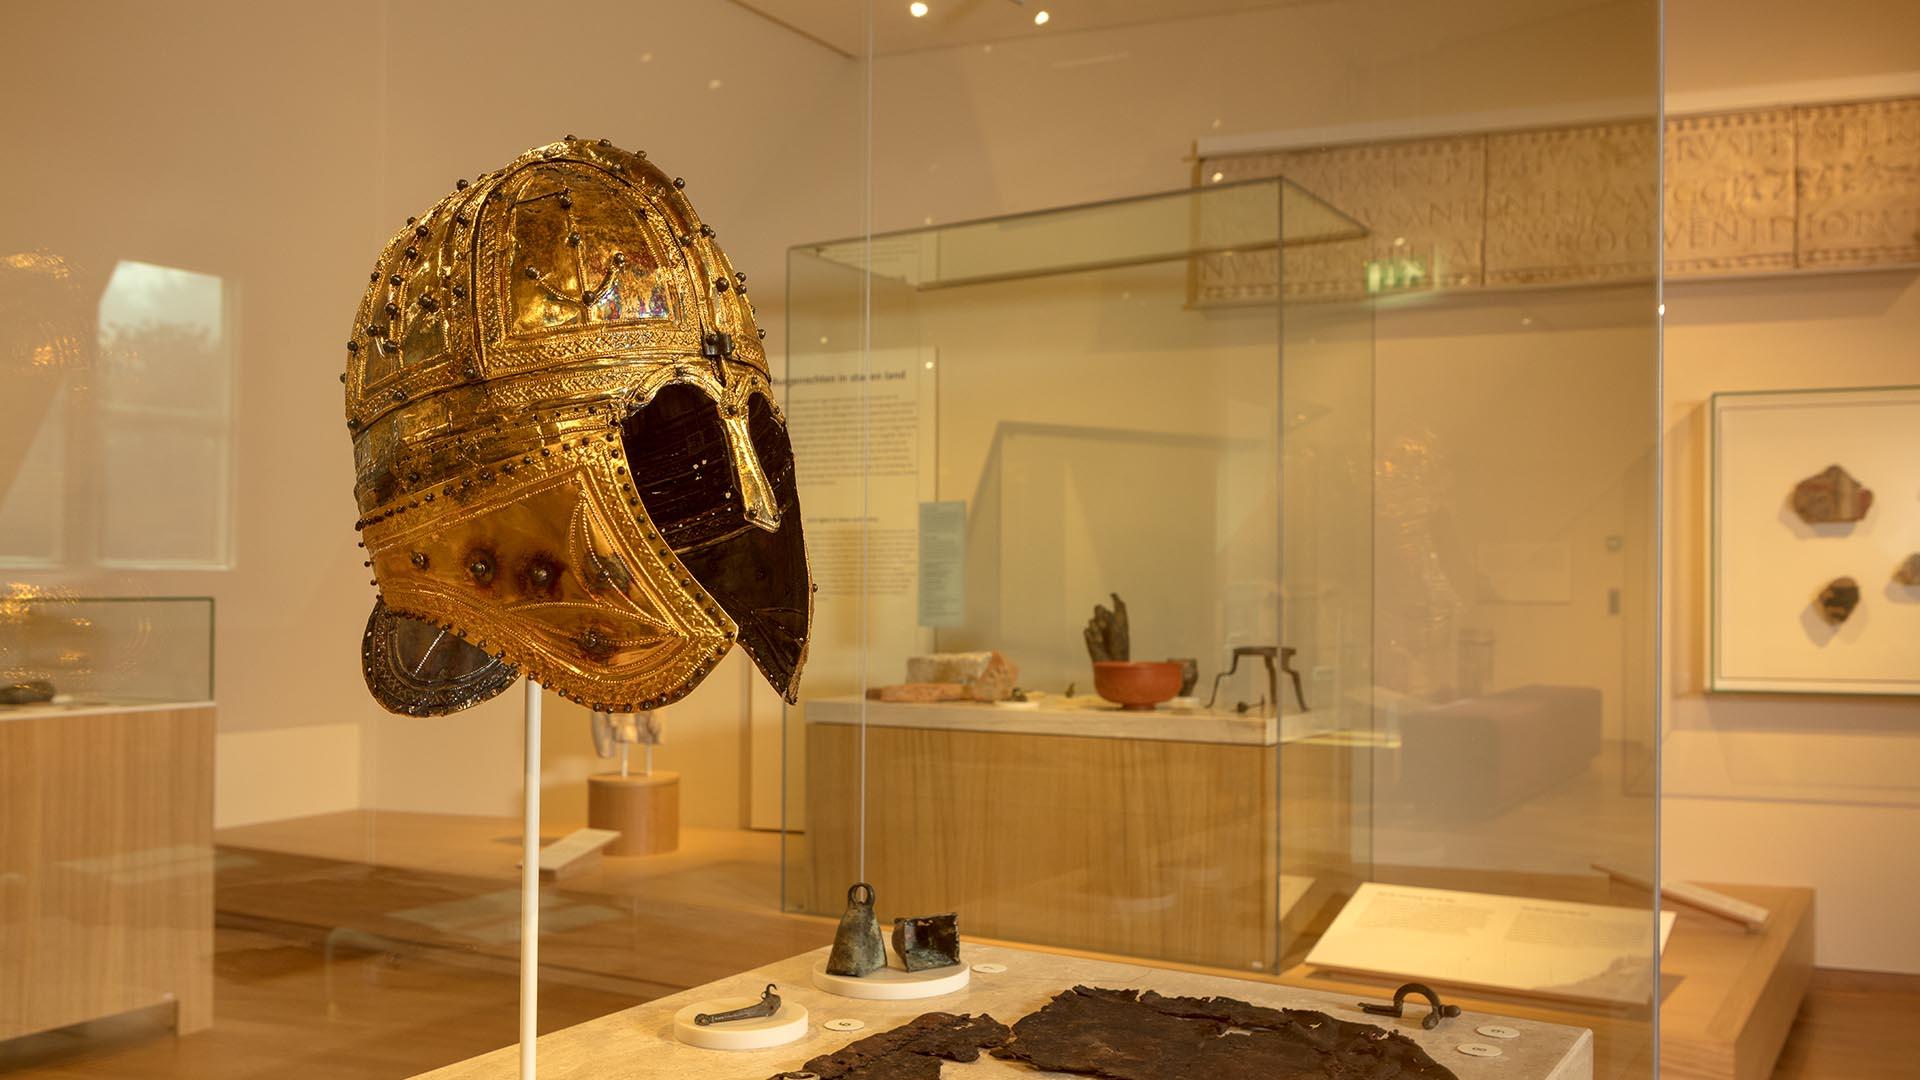 Peelhelm Rijksmuseum van Oudheden